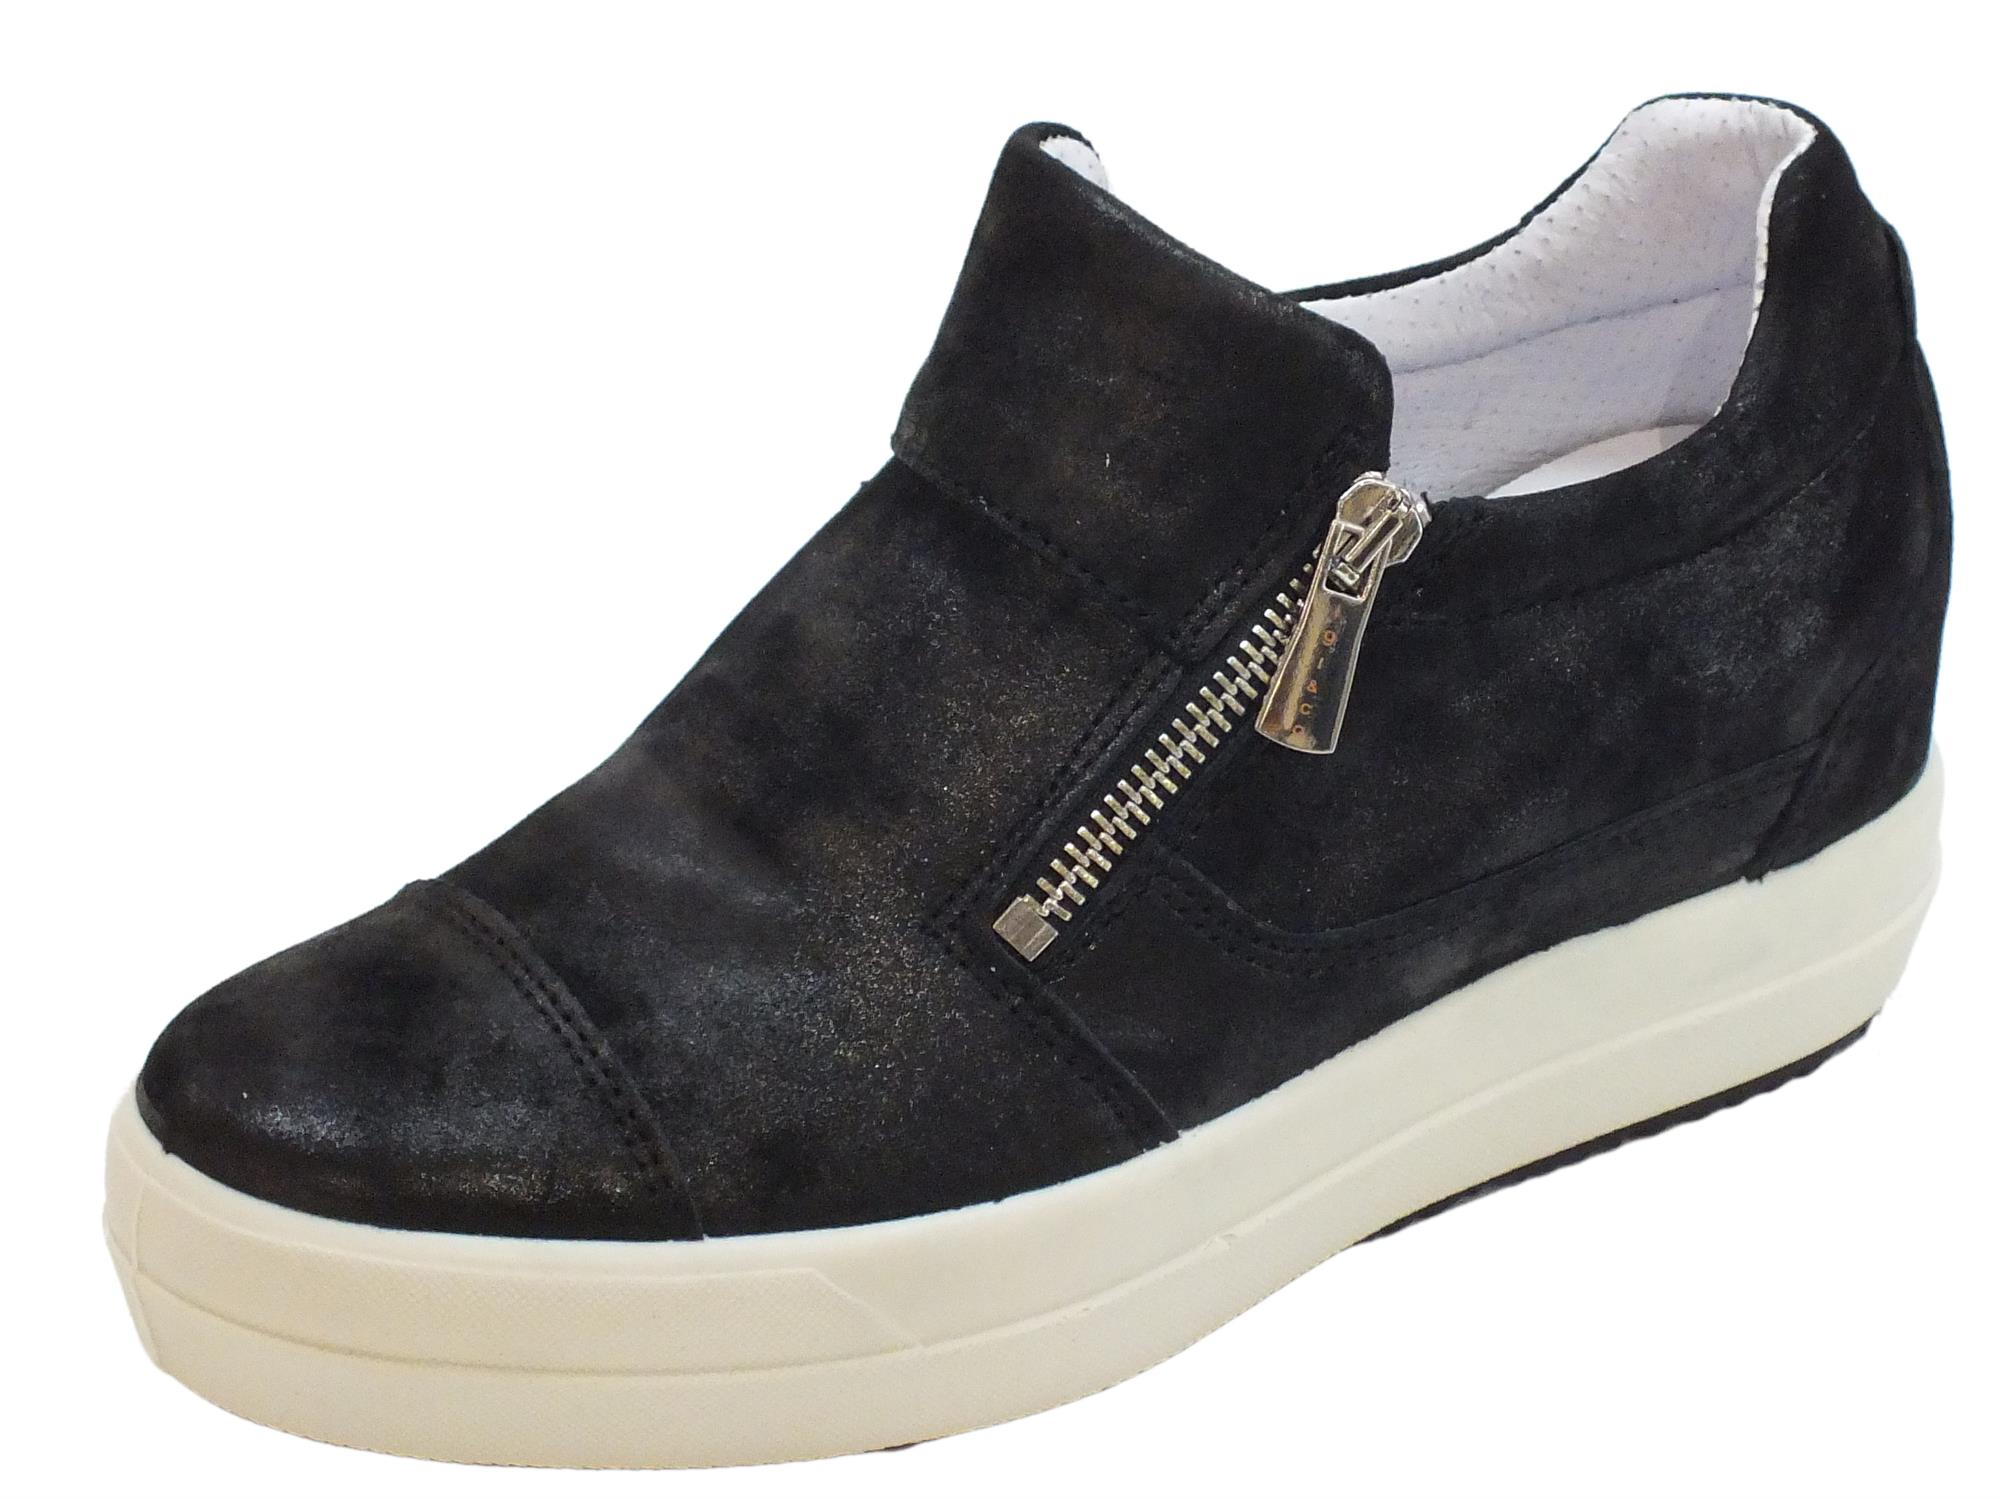 Sneakers Igi Co per donna in pelle perlata nera con doppia lampo e zeppa  interna 45576d837f5